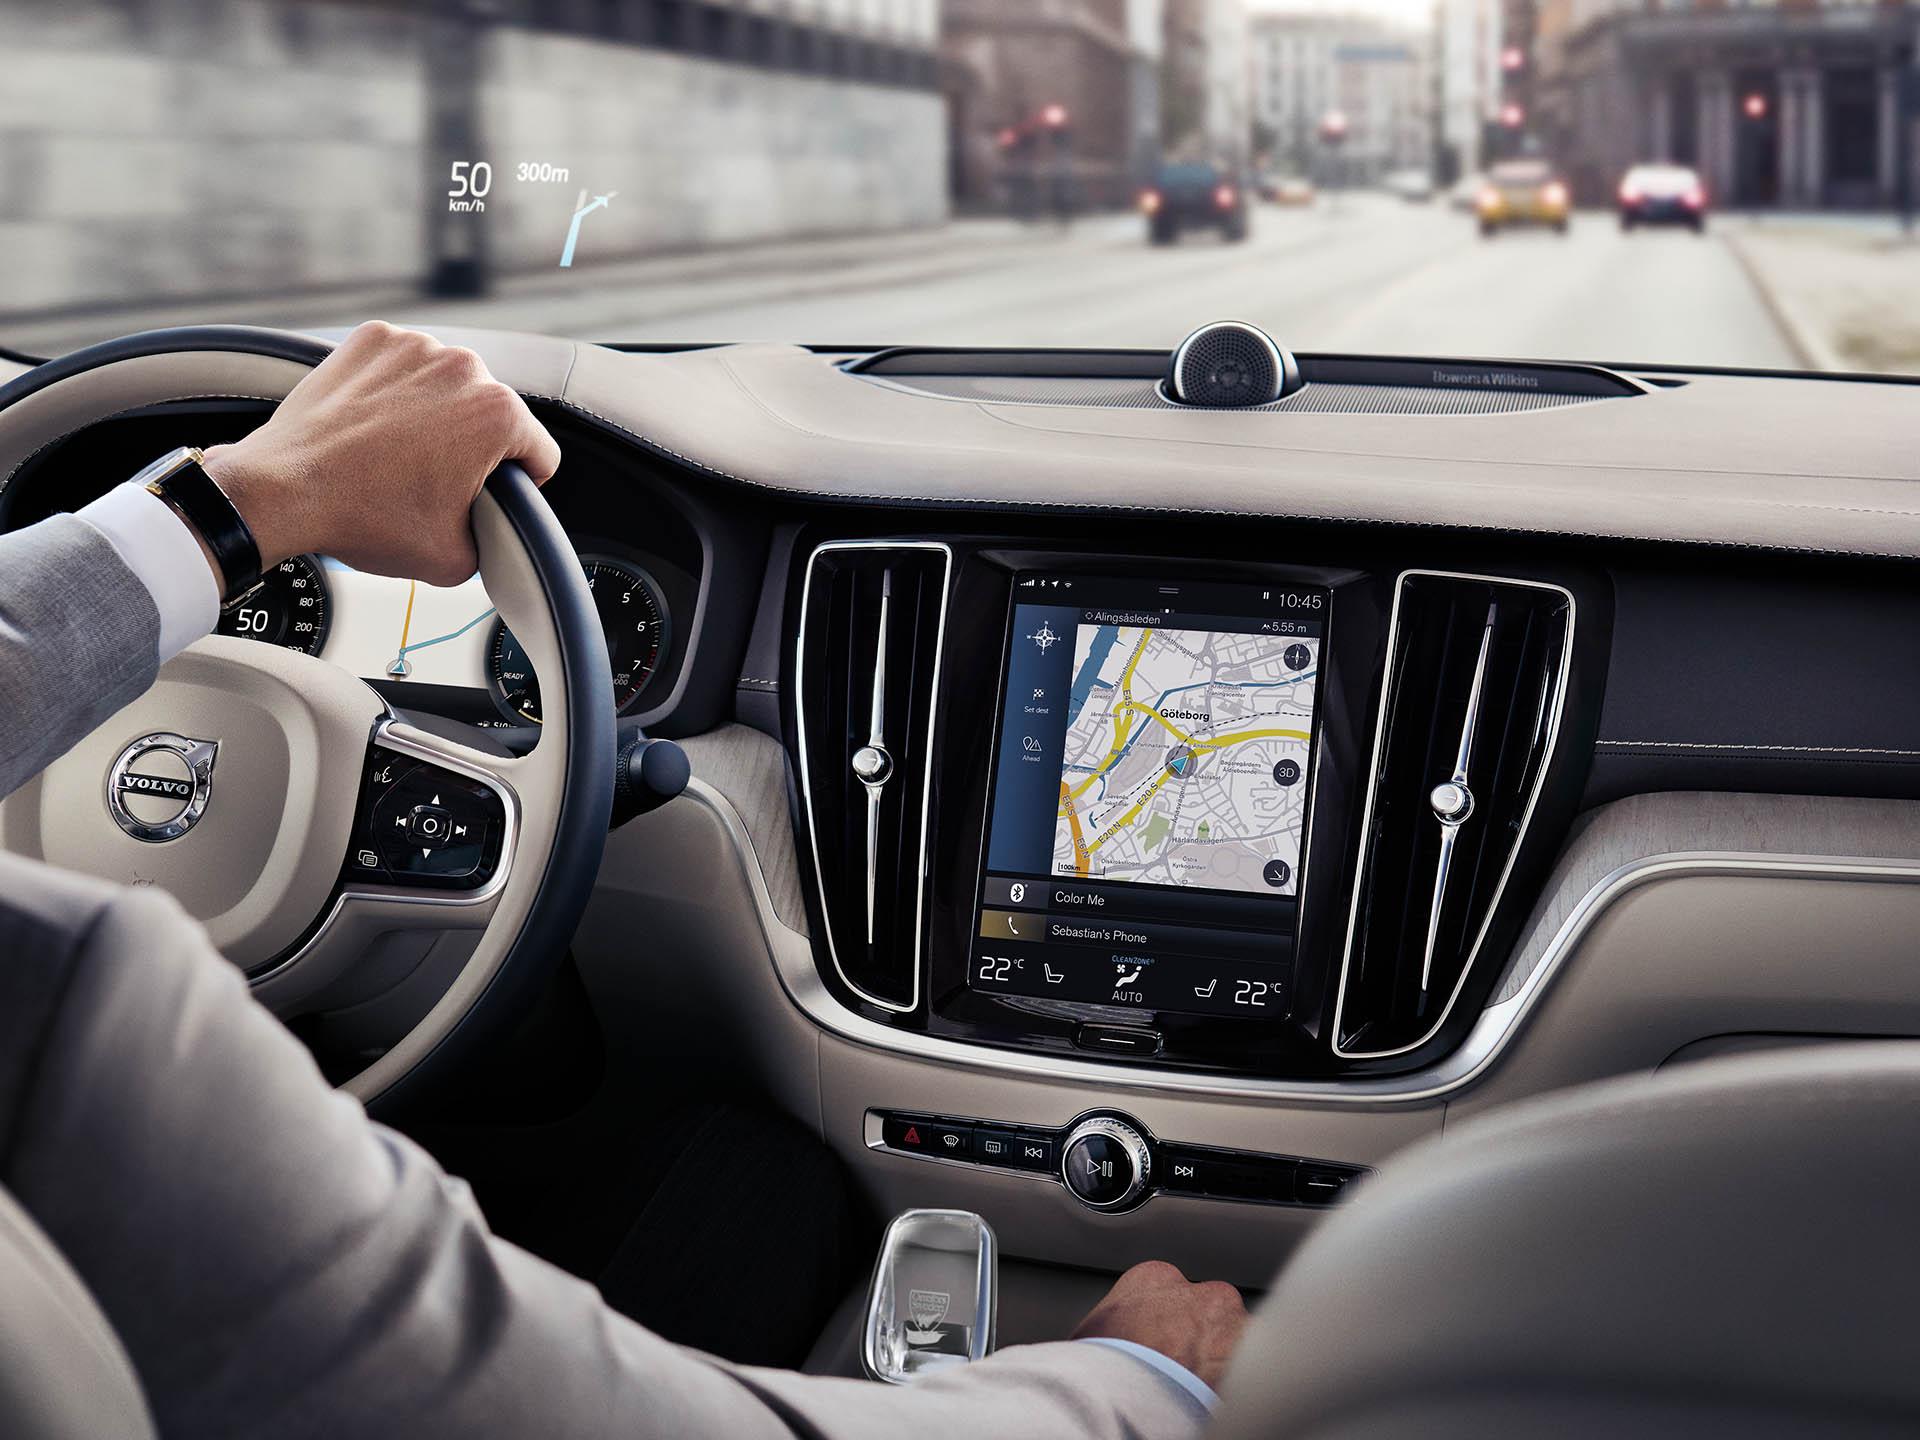 Інтер'єр седана Volvo, чоловік подорожує дорогою, користуючись навігаційною системою